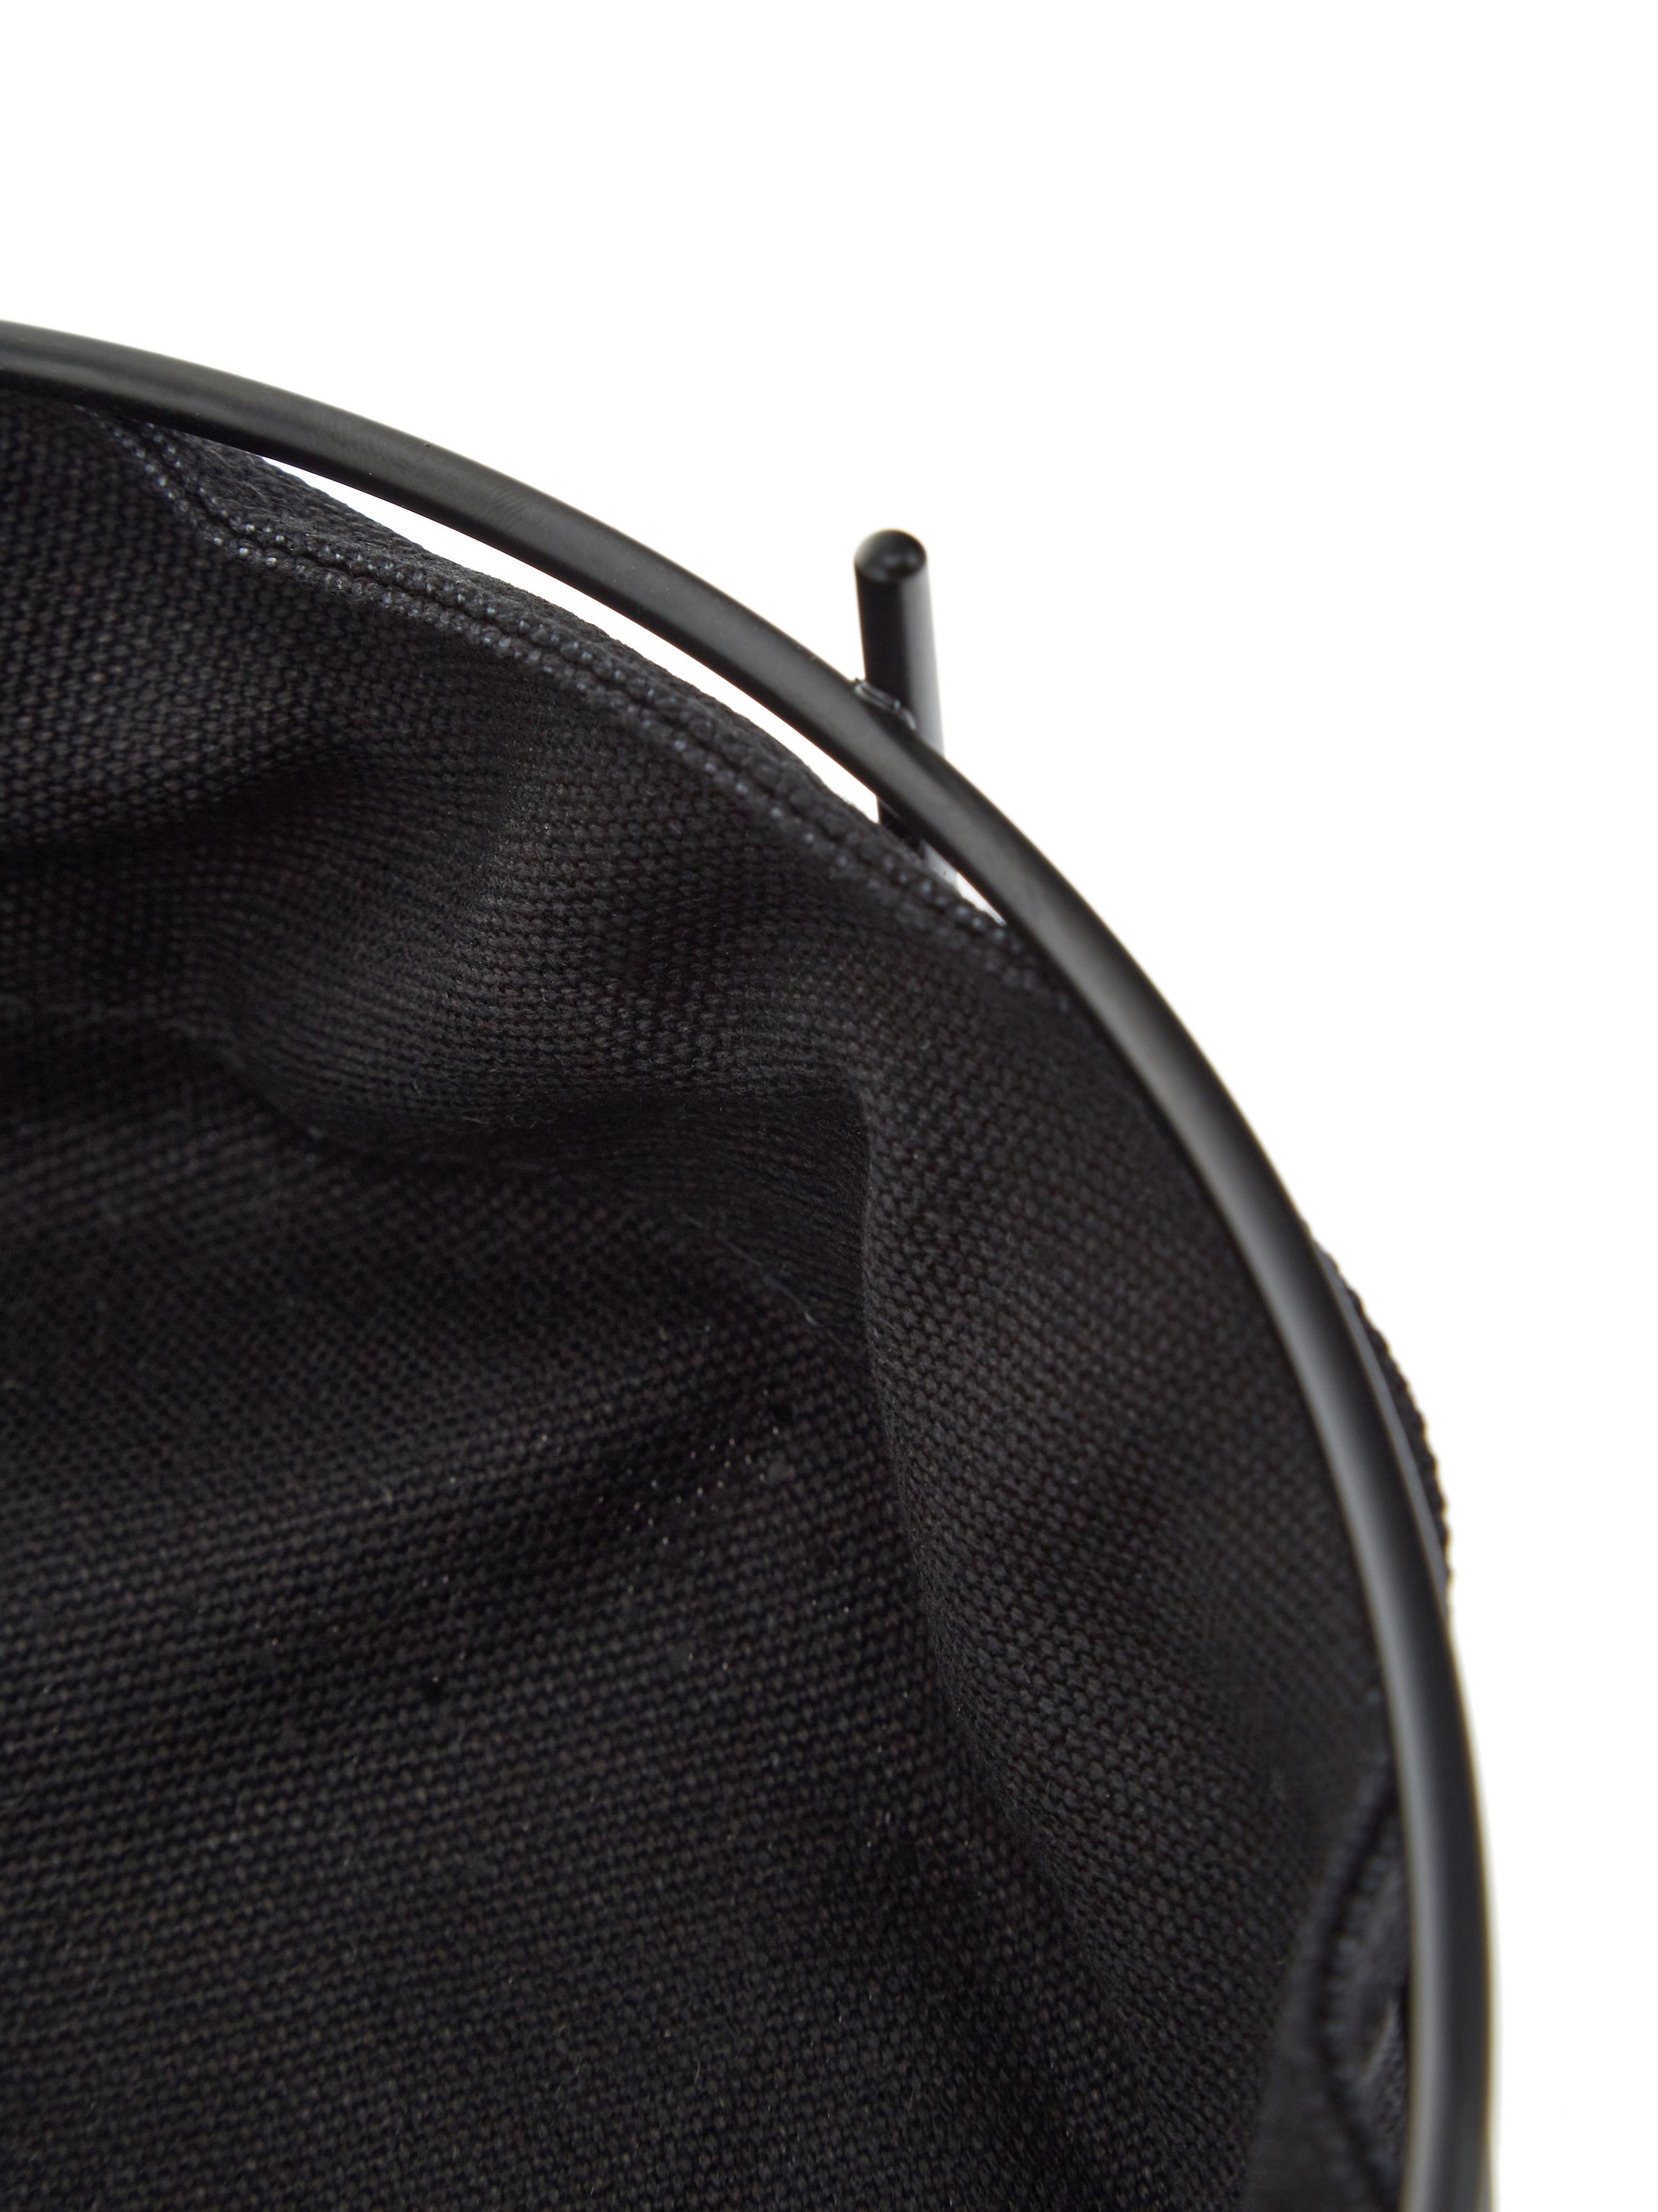 Brotkorb Gola mit herausnehmbarem Einsatz, Brotkorb: Metall, beschichtet, Beutel: Baumwolle, Schwarz, Ø 26 x H 8 cm